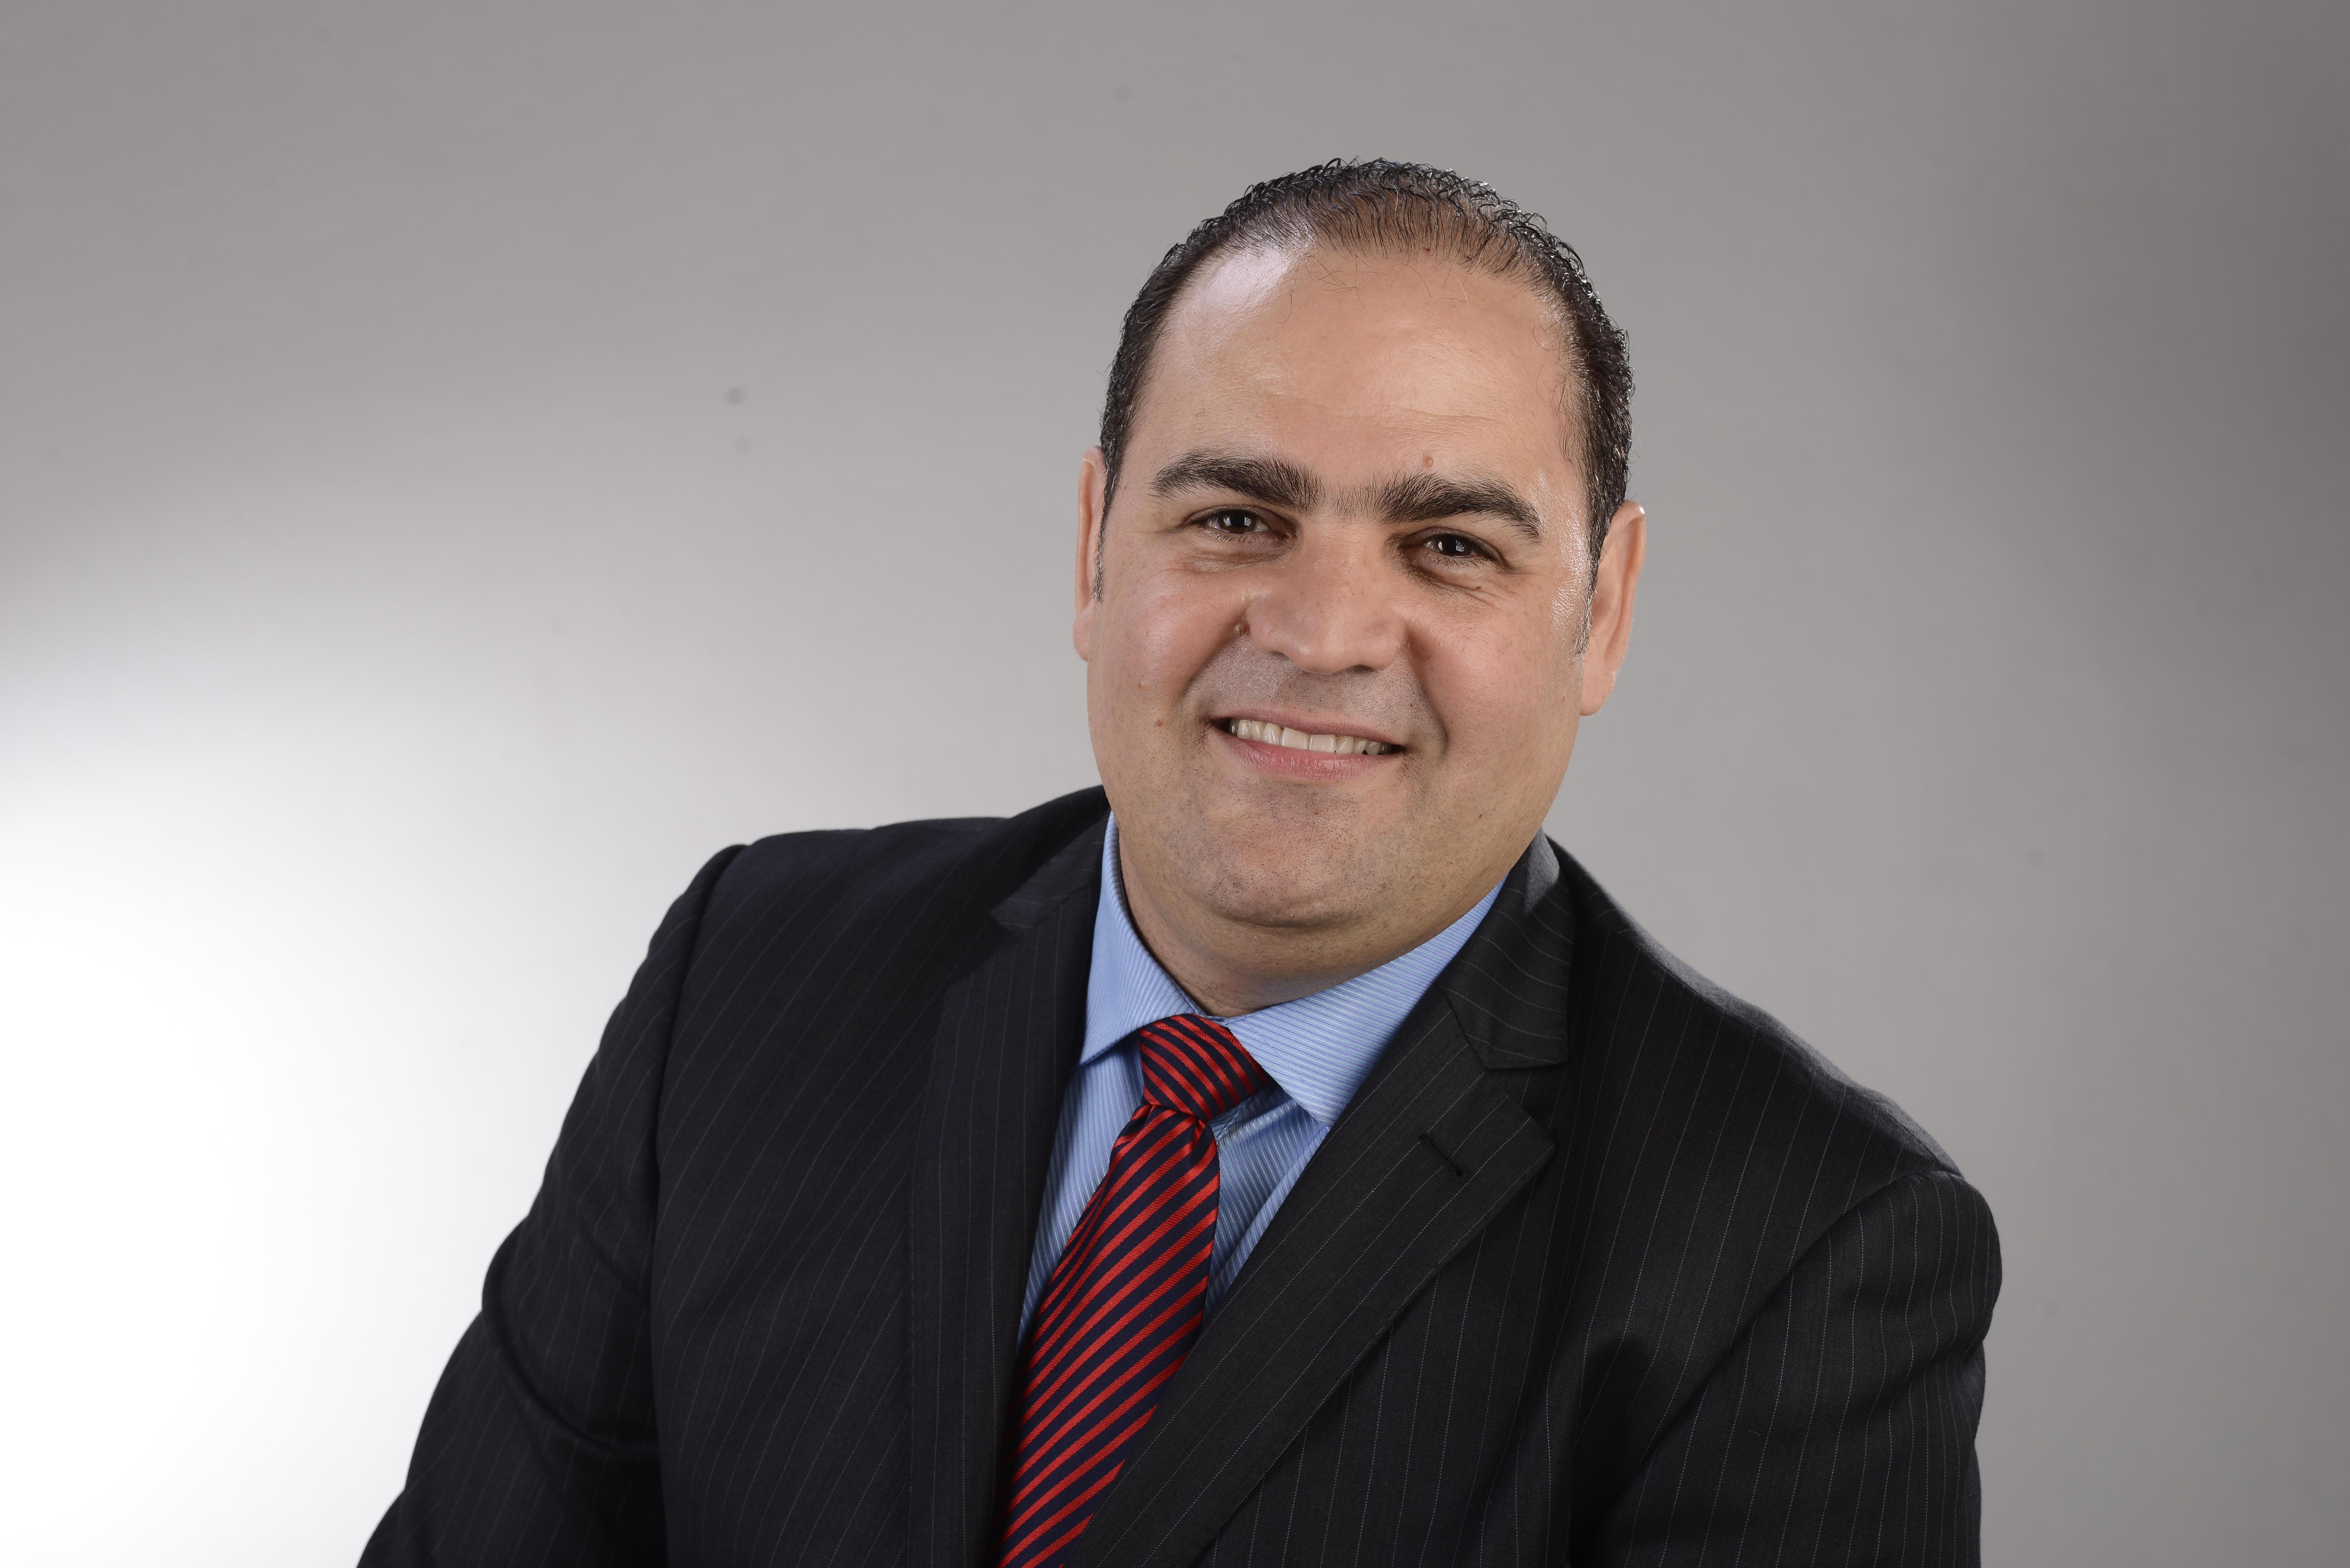 Organizaciones de sociedad civil proponen a Fabio Ureña a JCE